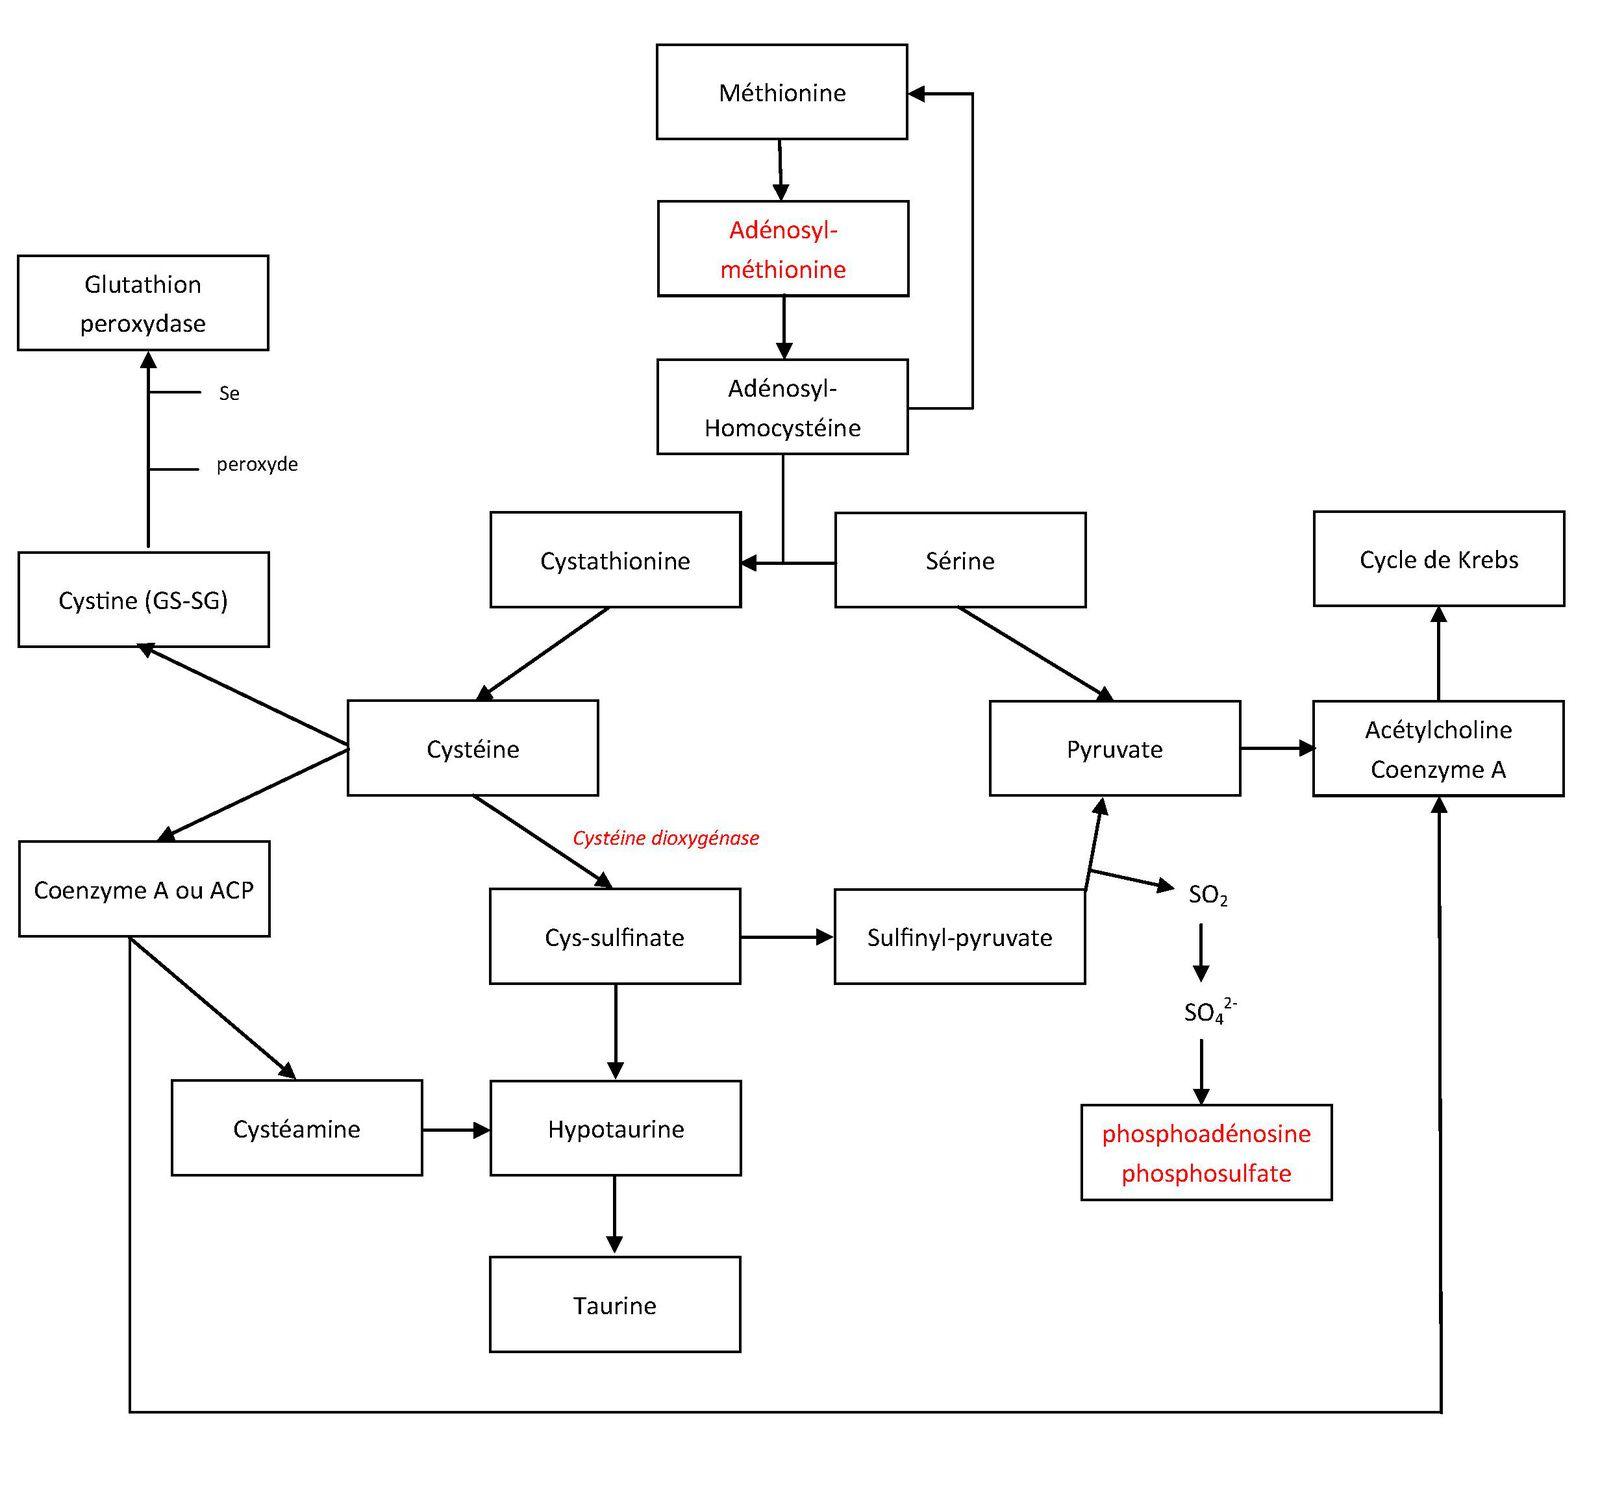 Métabolisme des acides aminés soufrés. François Kaeffer. Image soumise à droits d'auteur